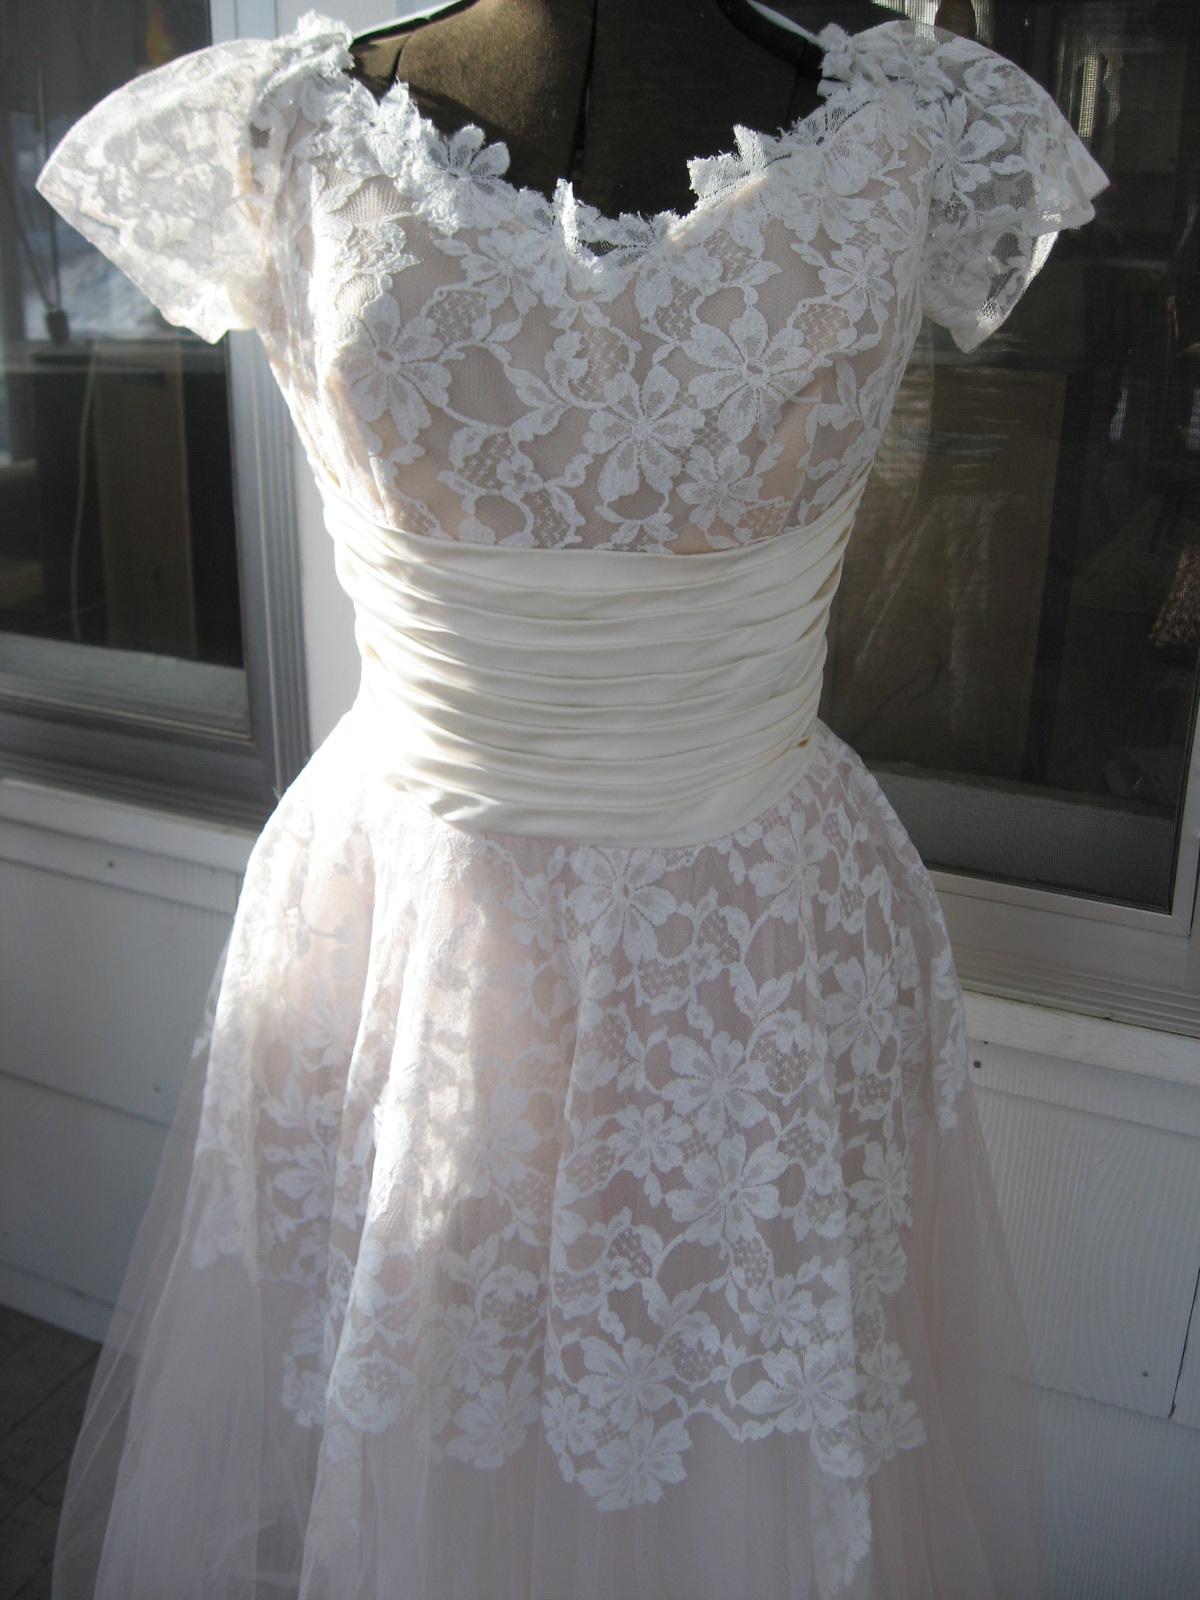 a 1950s wedding dress!